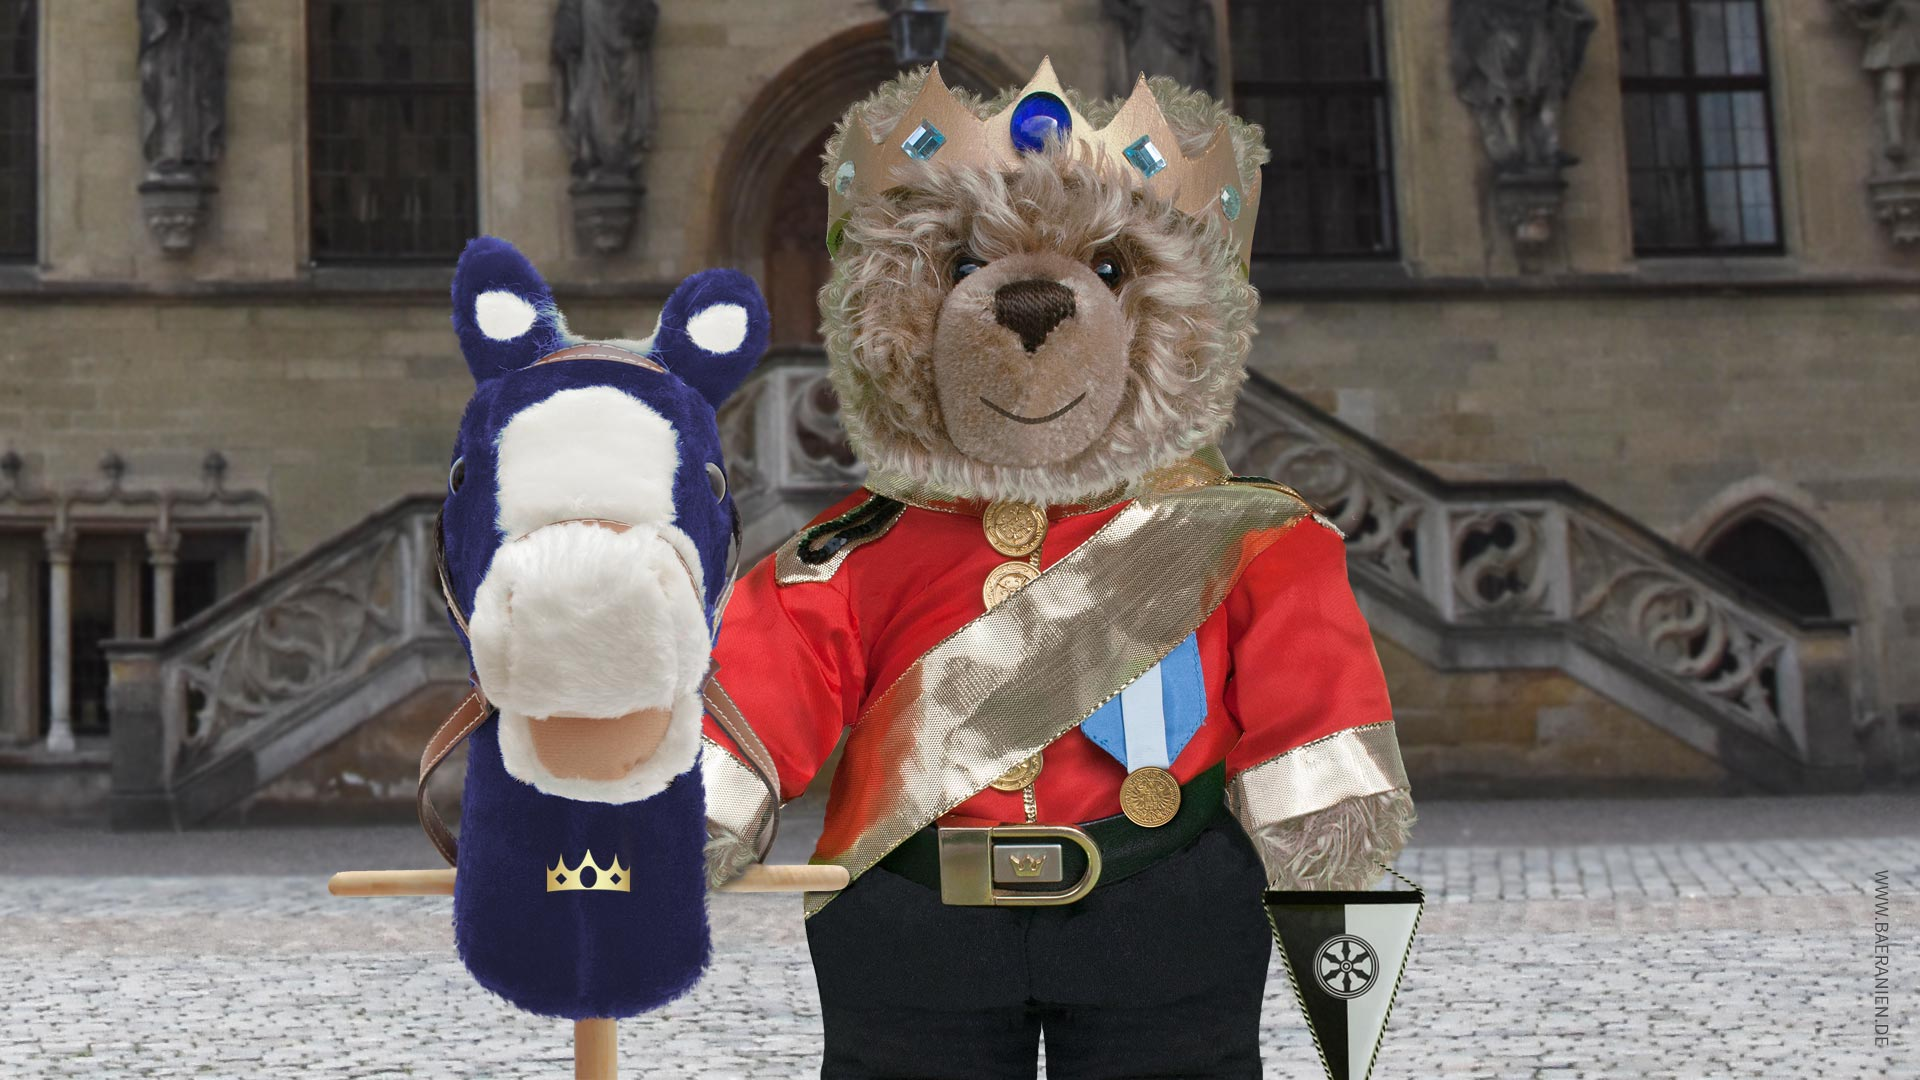 Teddy-König-Opa und der Westfälische Frieden